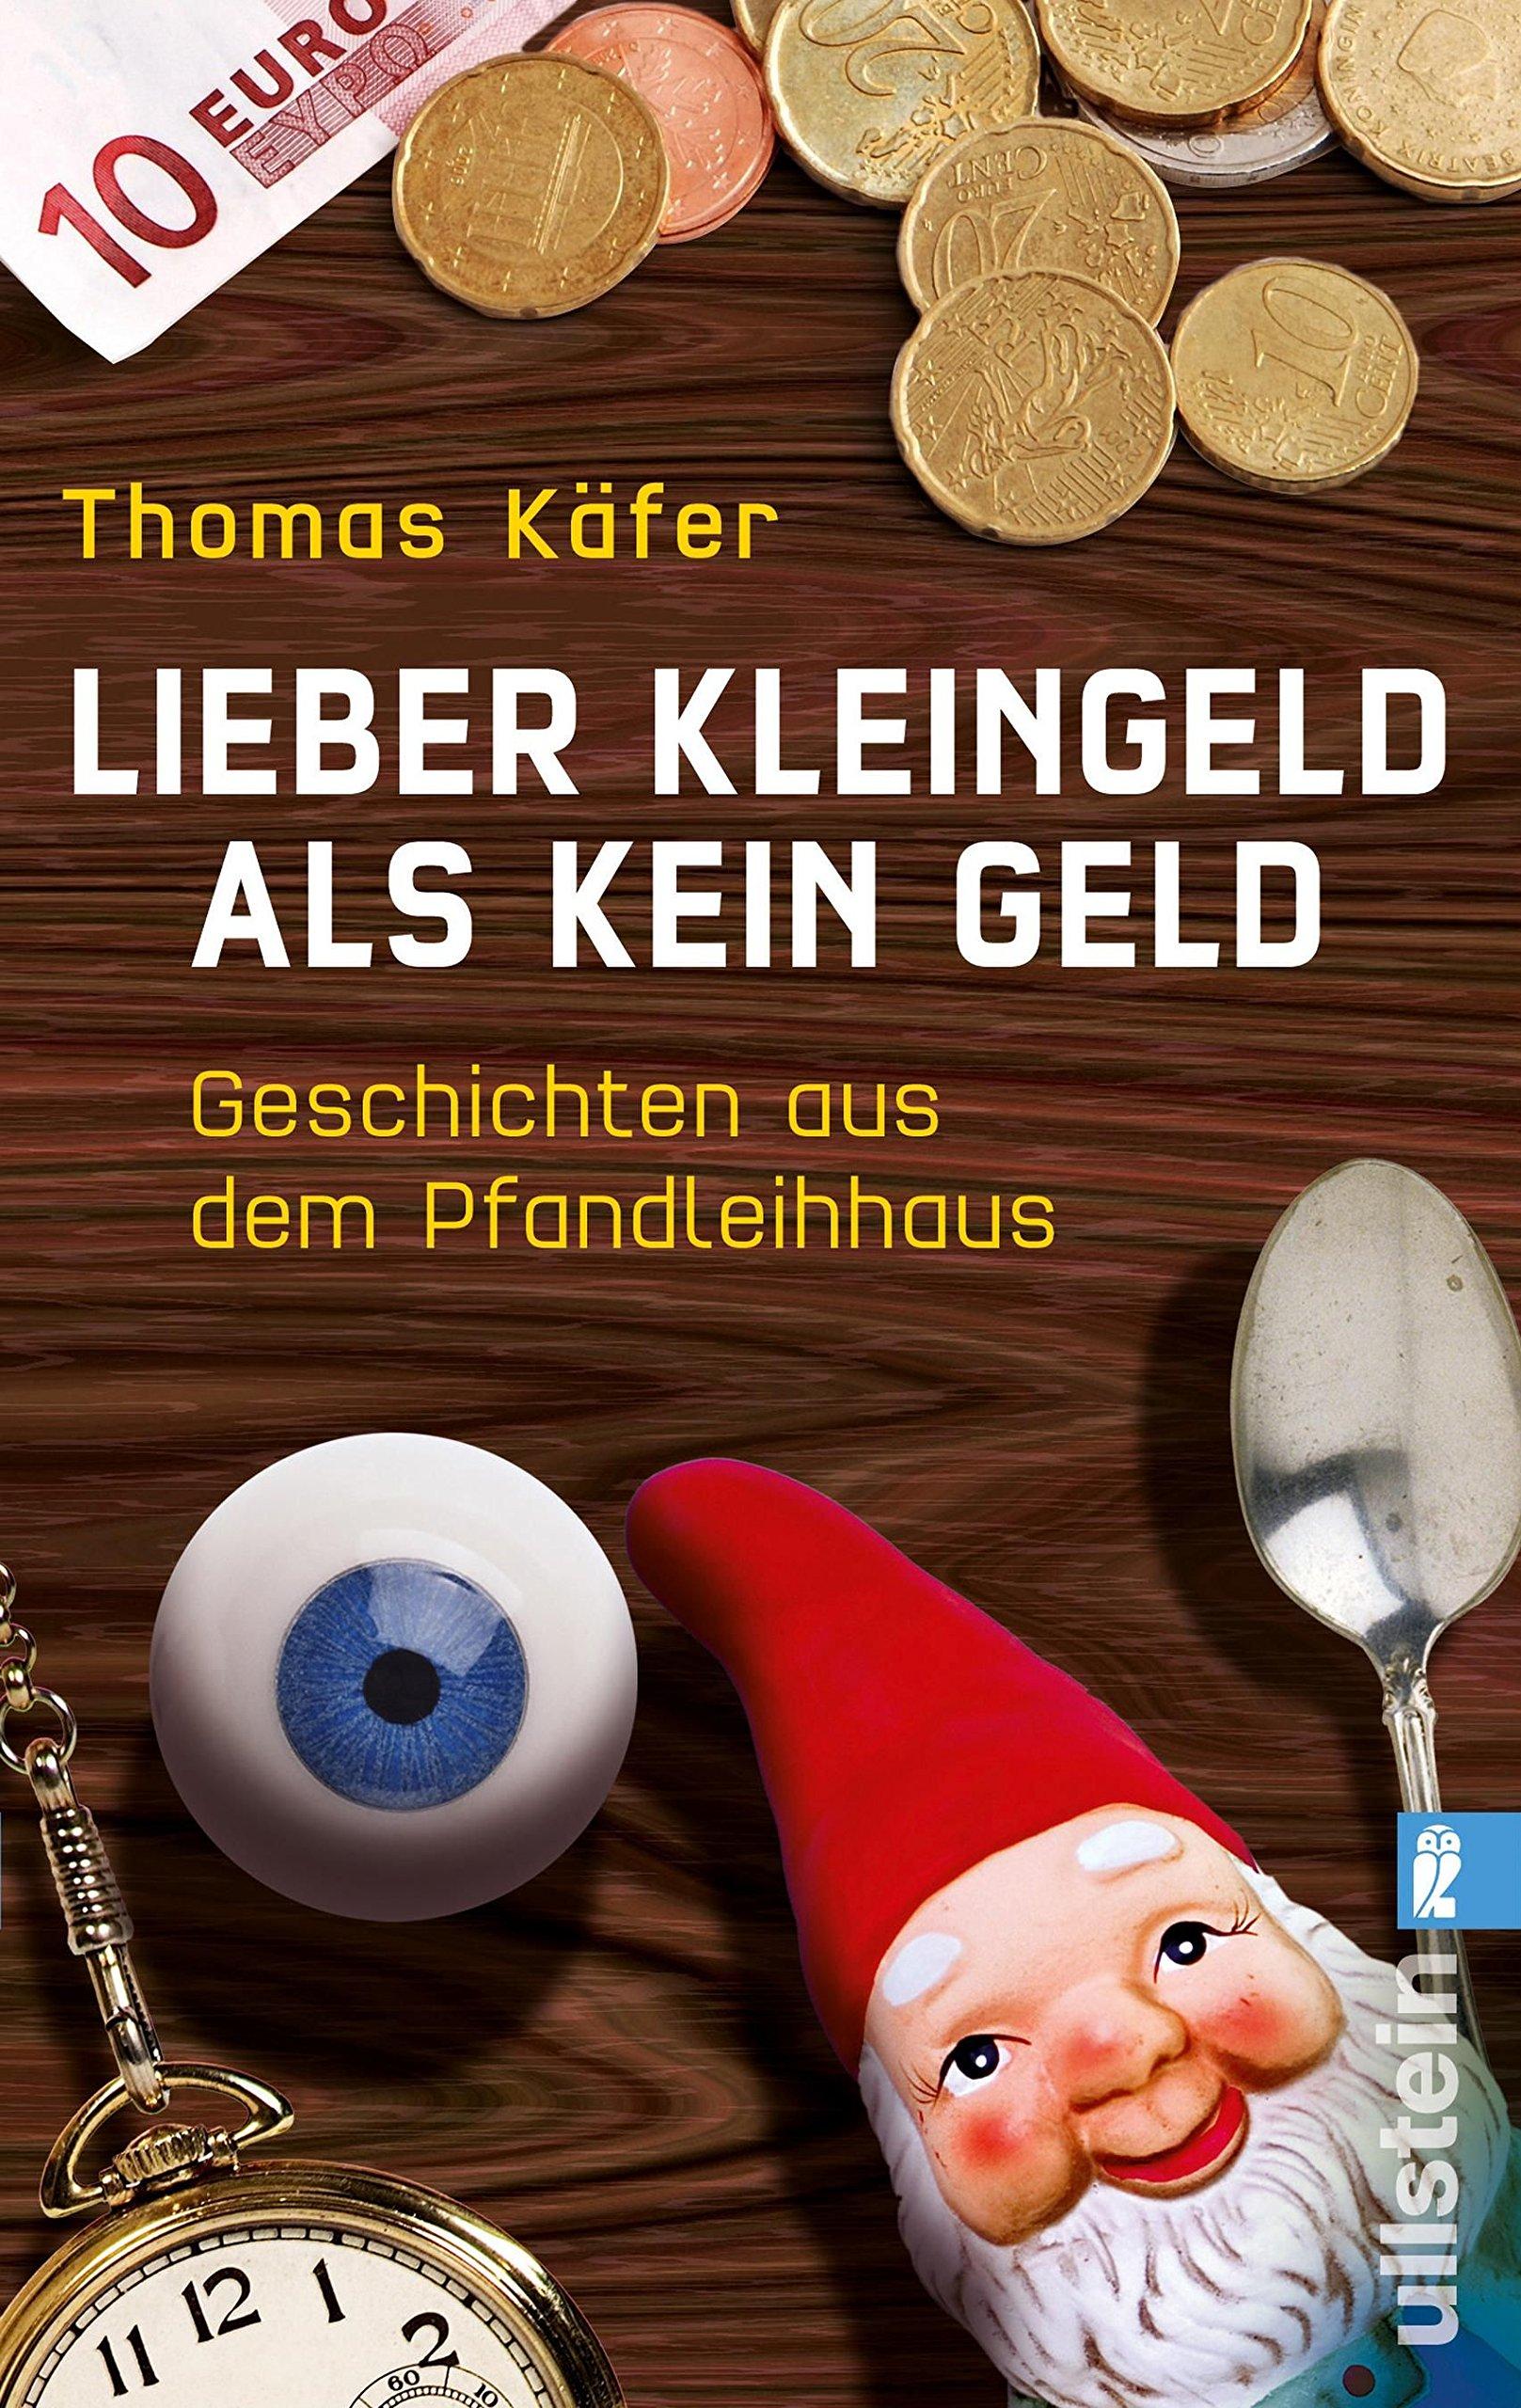 Buchcover Thomas Käfer - Lieber Kleingeld als kein Geld